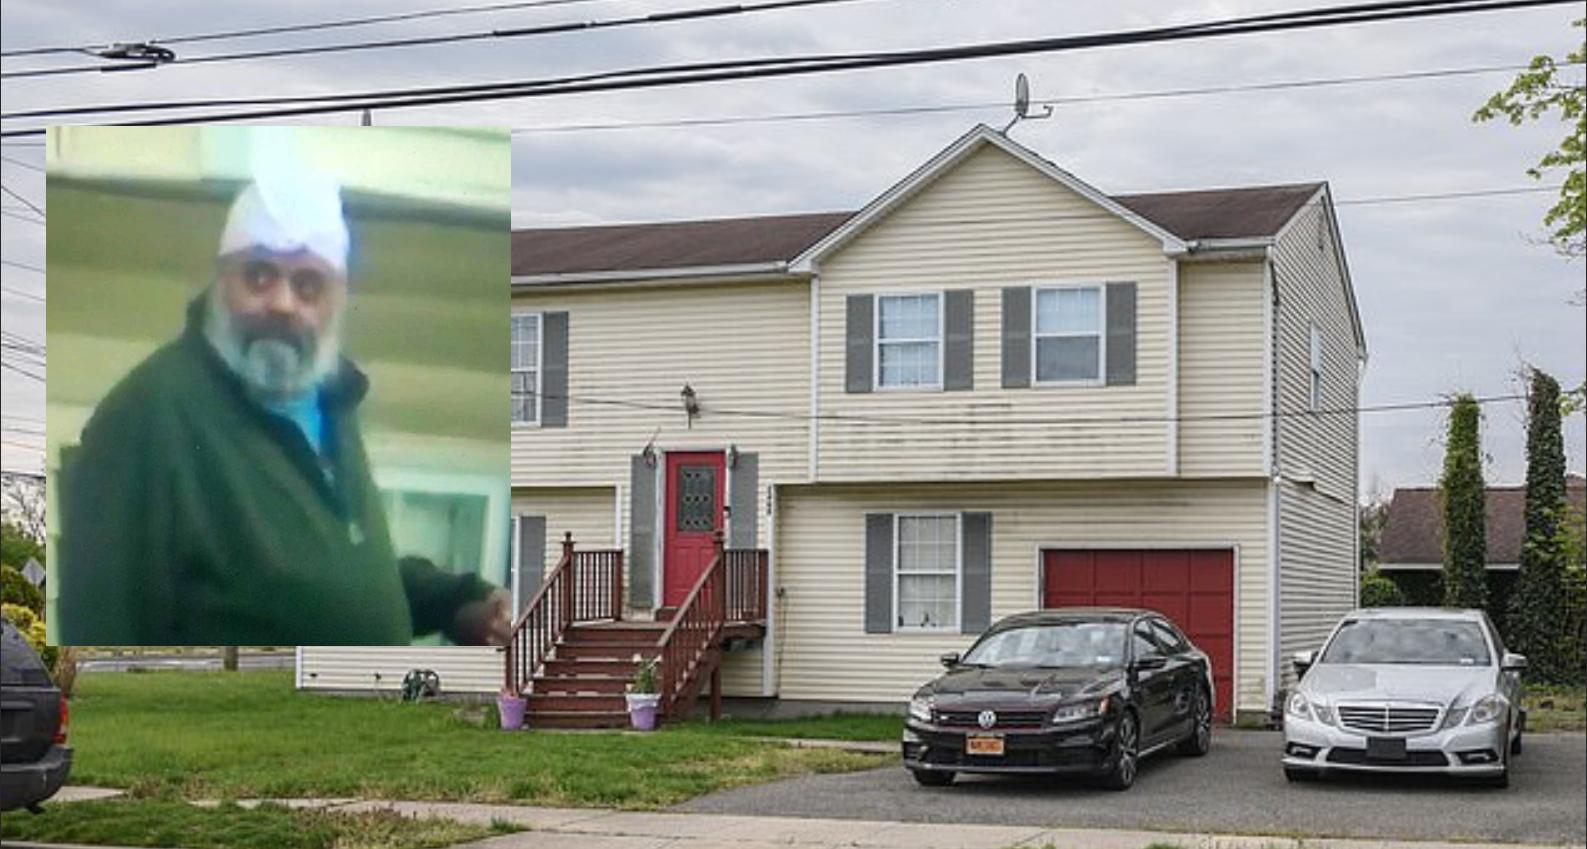 nueva york: dan luz verde para desalojar al hombre que vive gratis en una casa por 23 anos